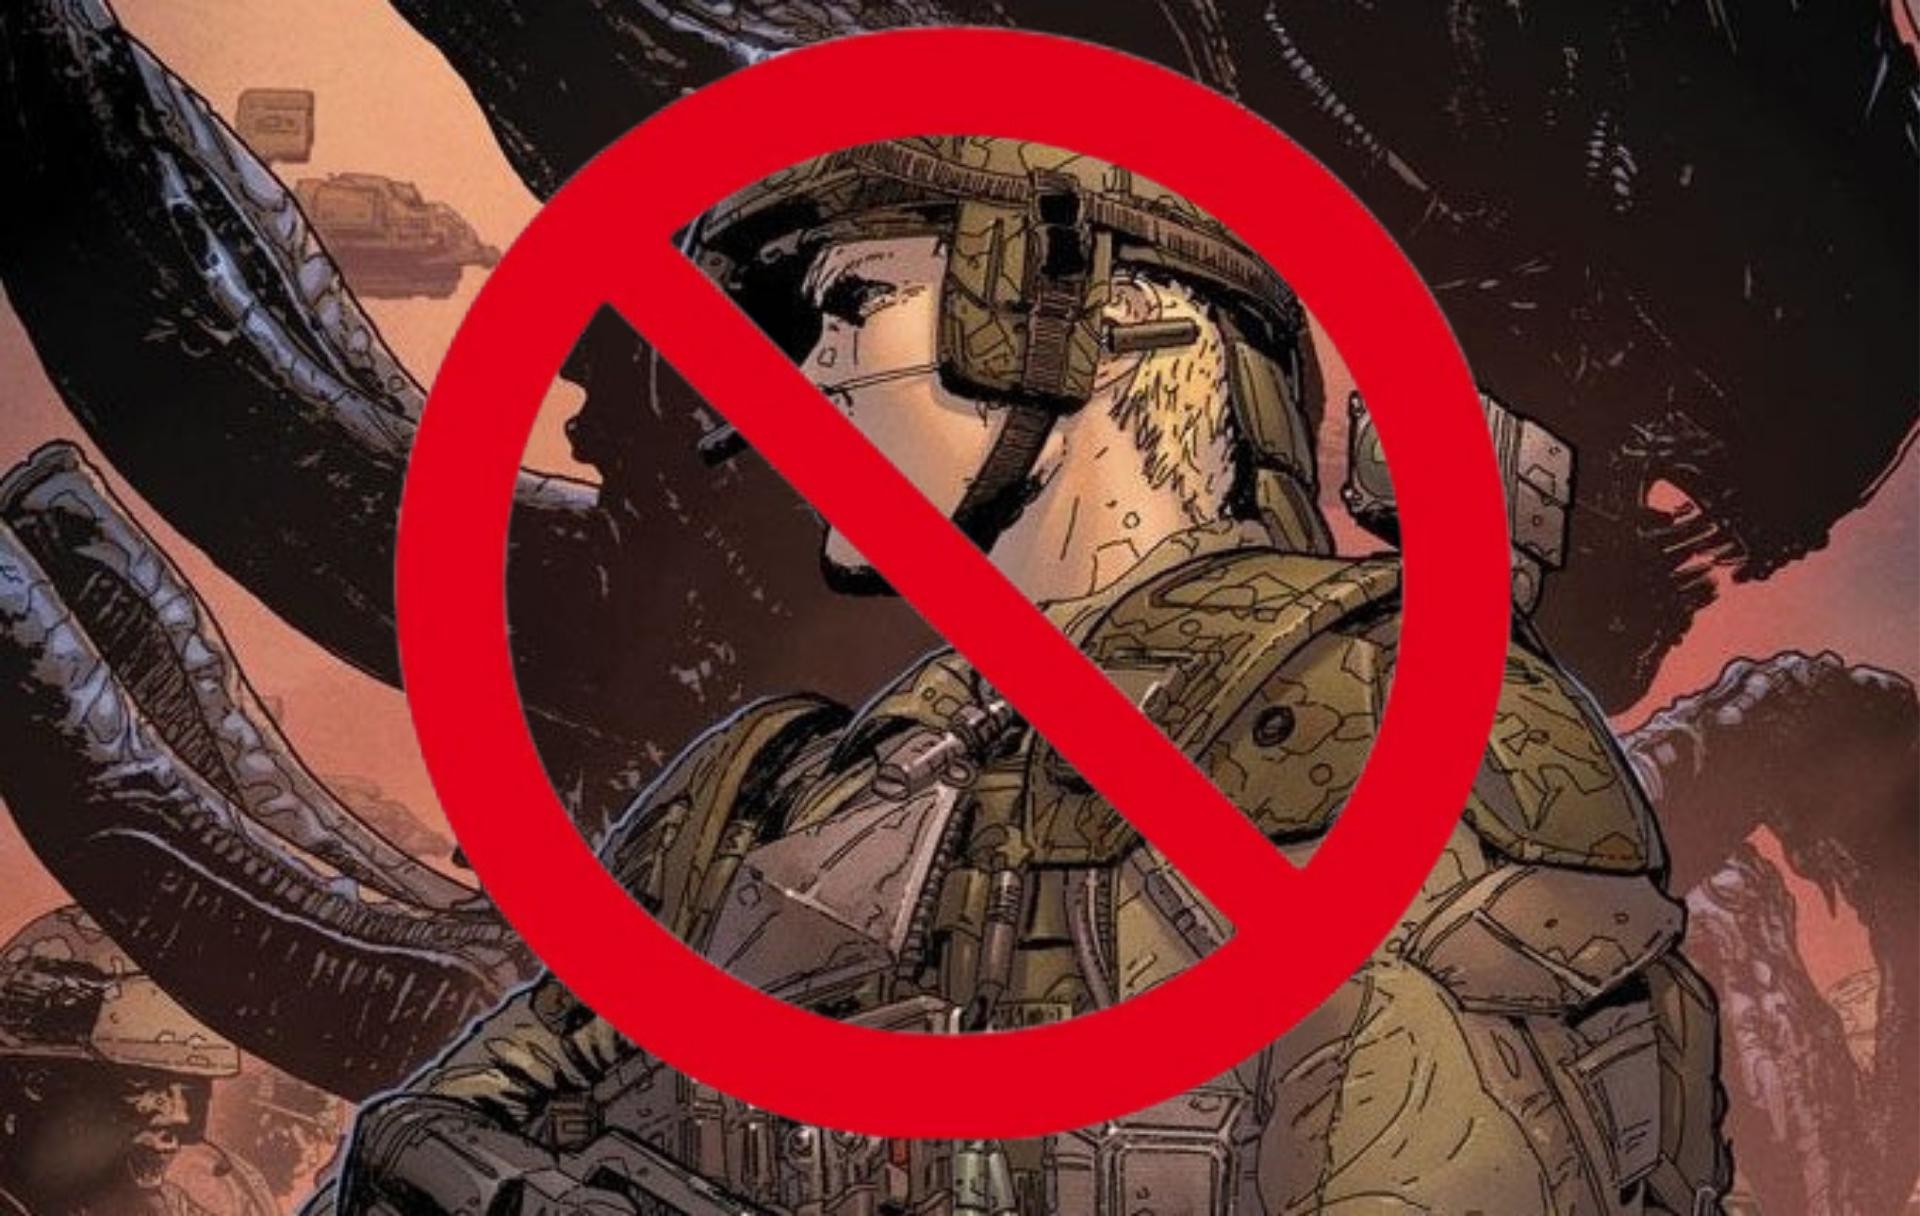 """La Dark Horse Comics chiude i rapporti con Brian Wood e cancella la serie """"Aliens: Colonial Marines – Rising Threat"""" a seguito di accuse mosse contro l'autore"""